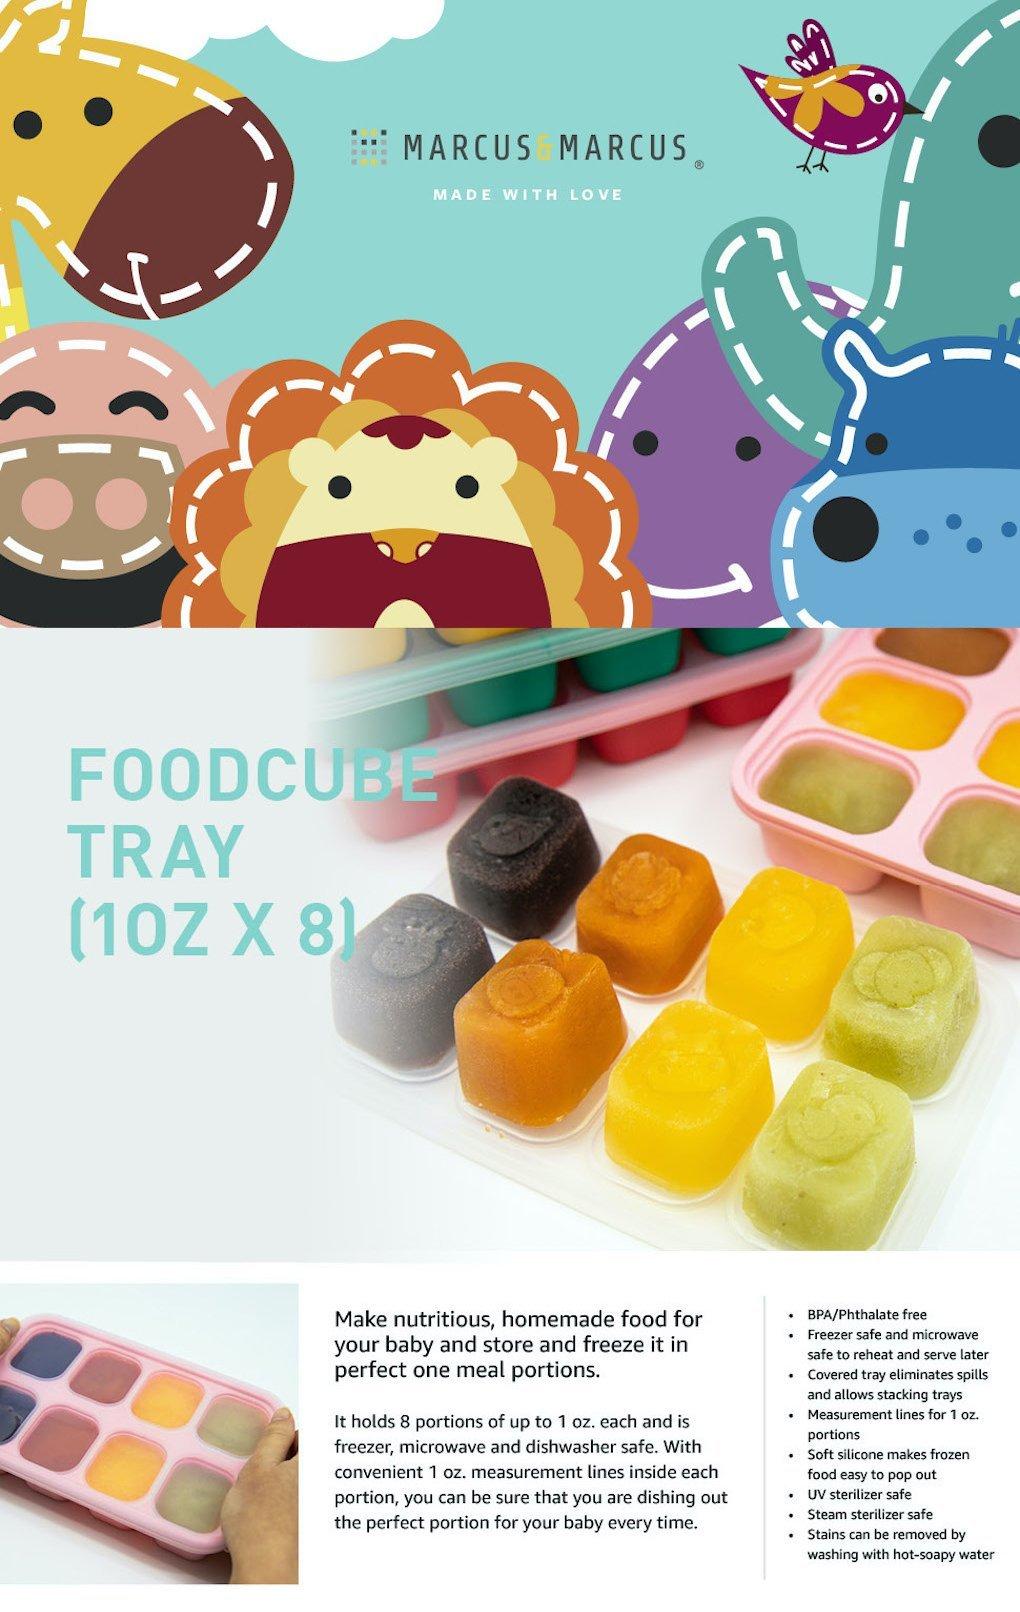 Food Cube Tray (1oz x 8)